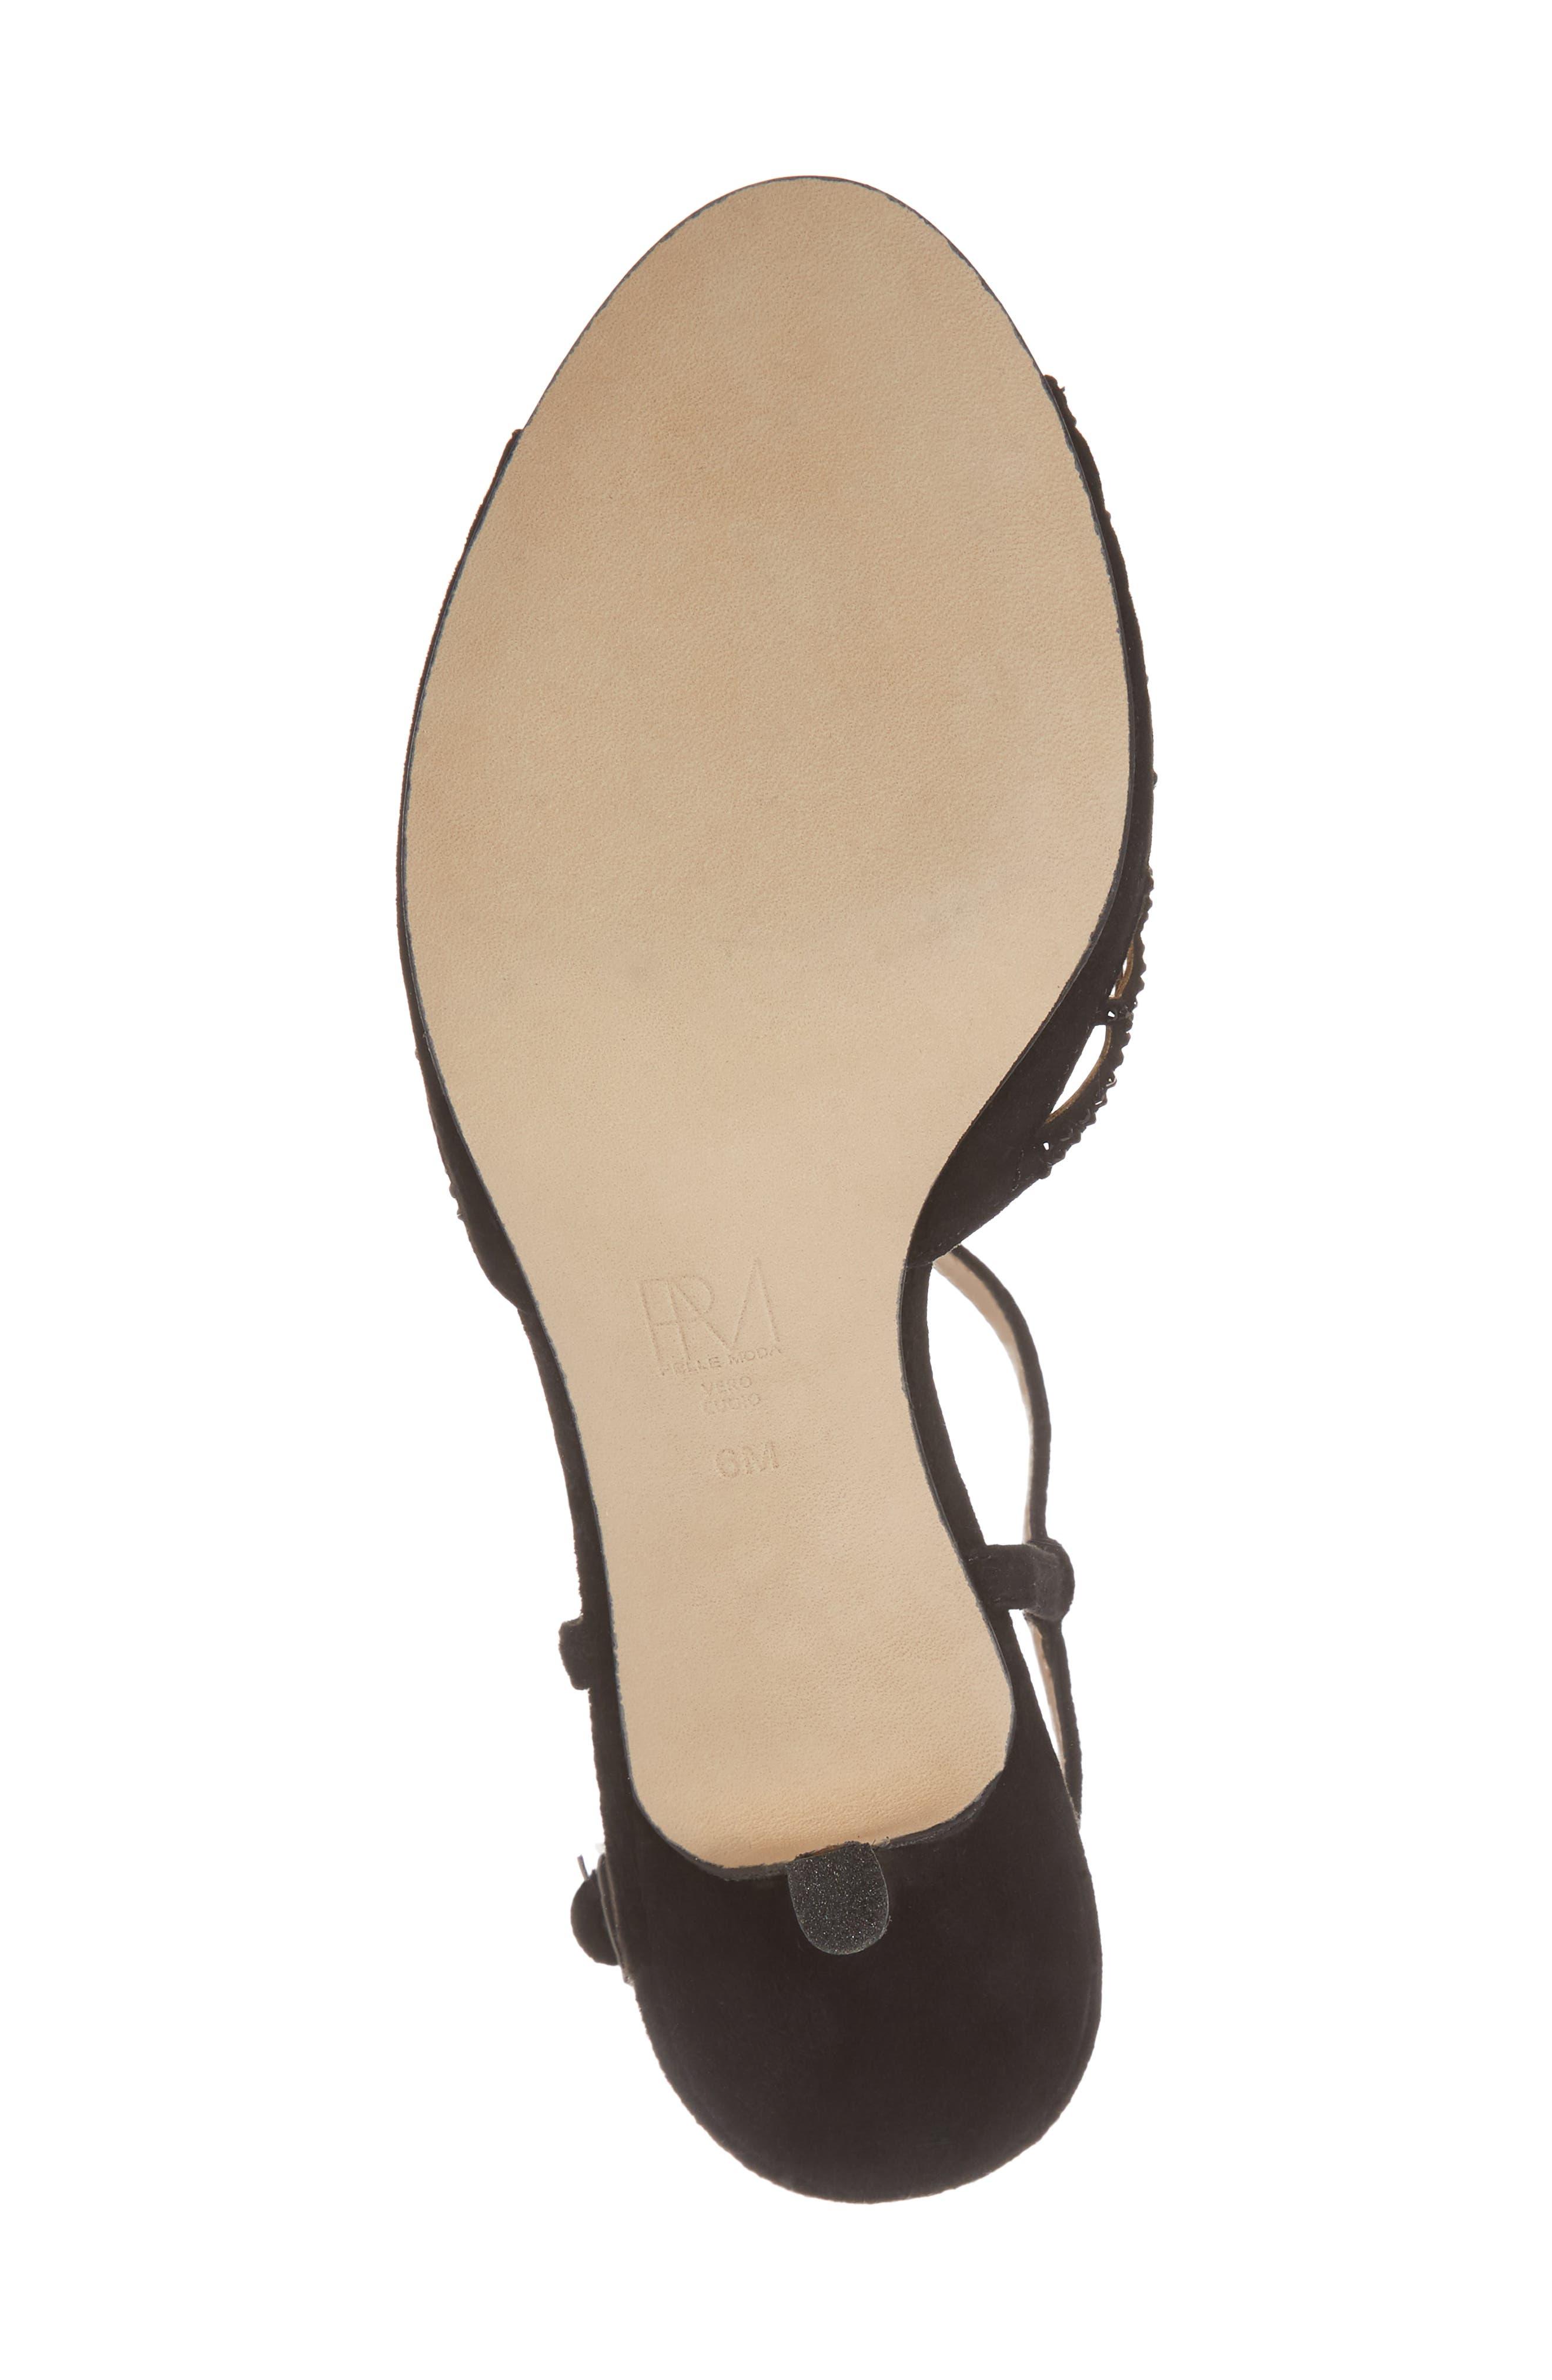 Adaline Embellished Sandal,                             Alternate thumbnail 6, color,                             BLACK SUEDE